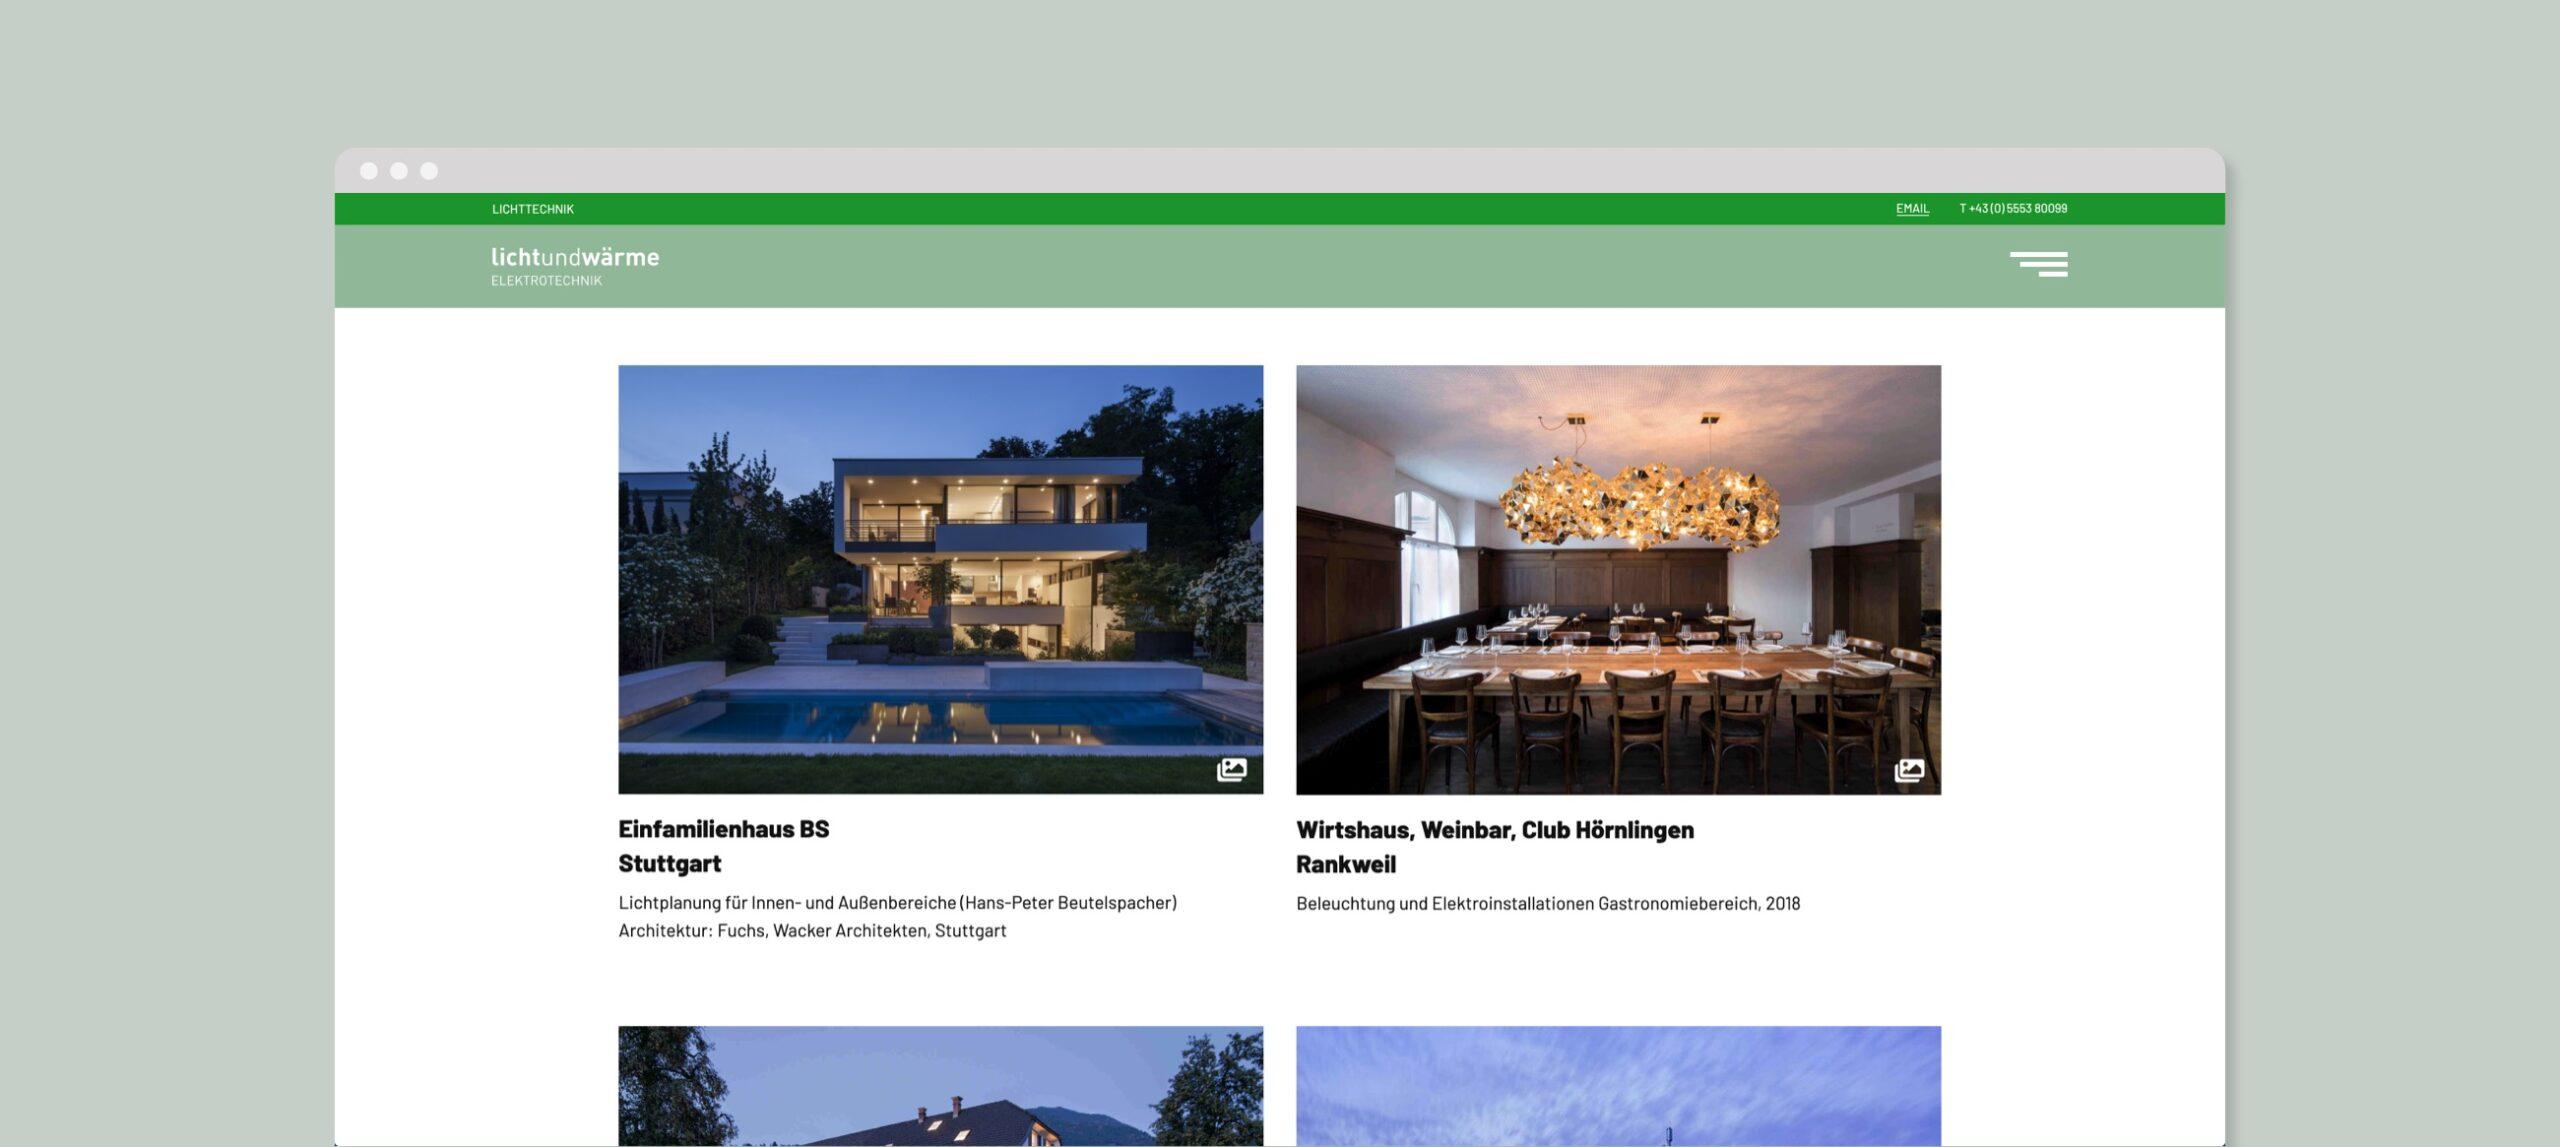 Lichtundwärme website screenshot overview